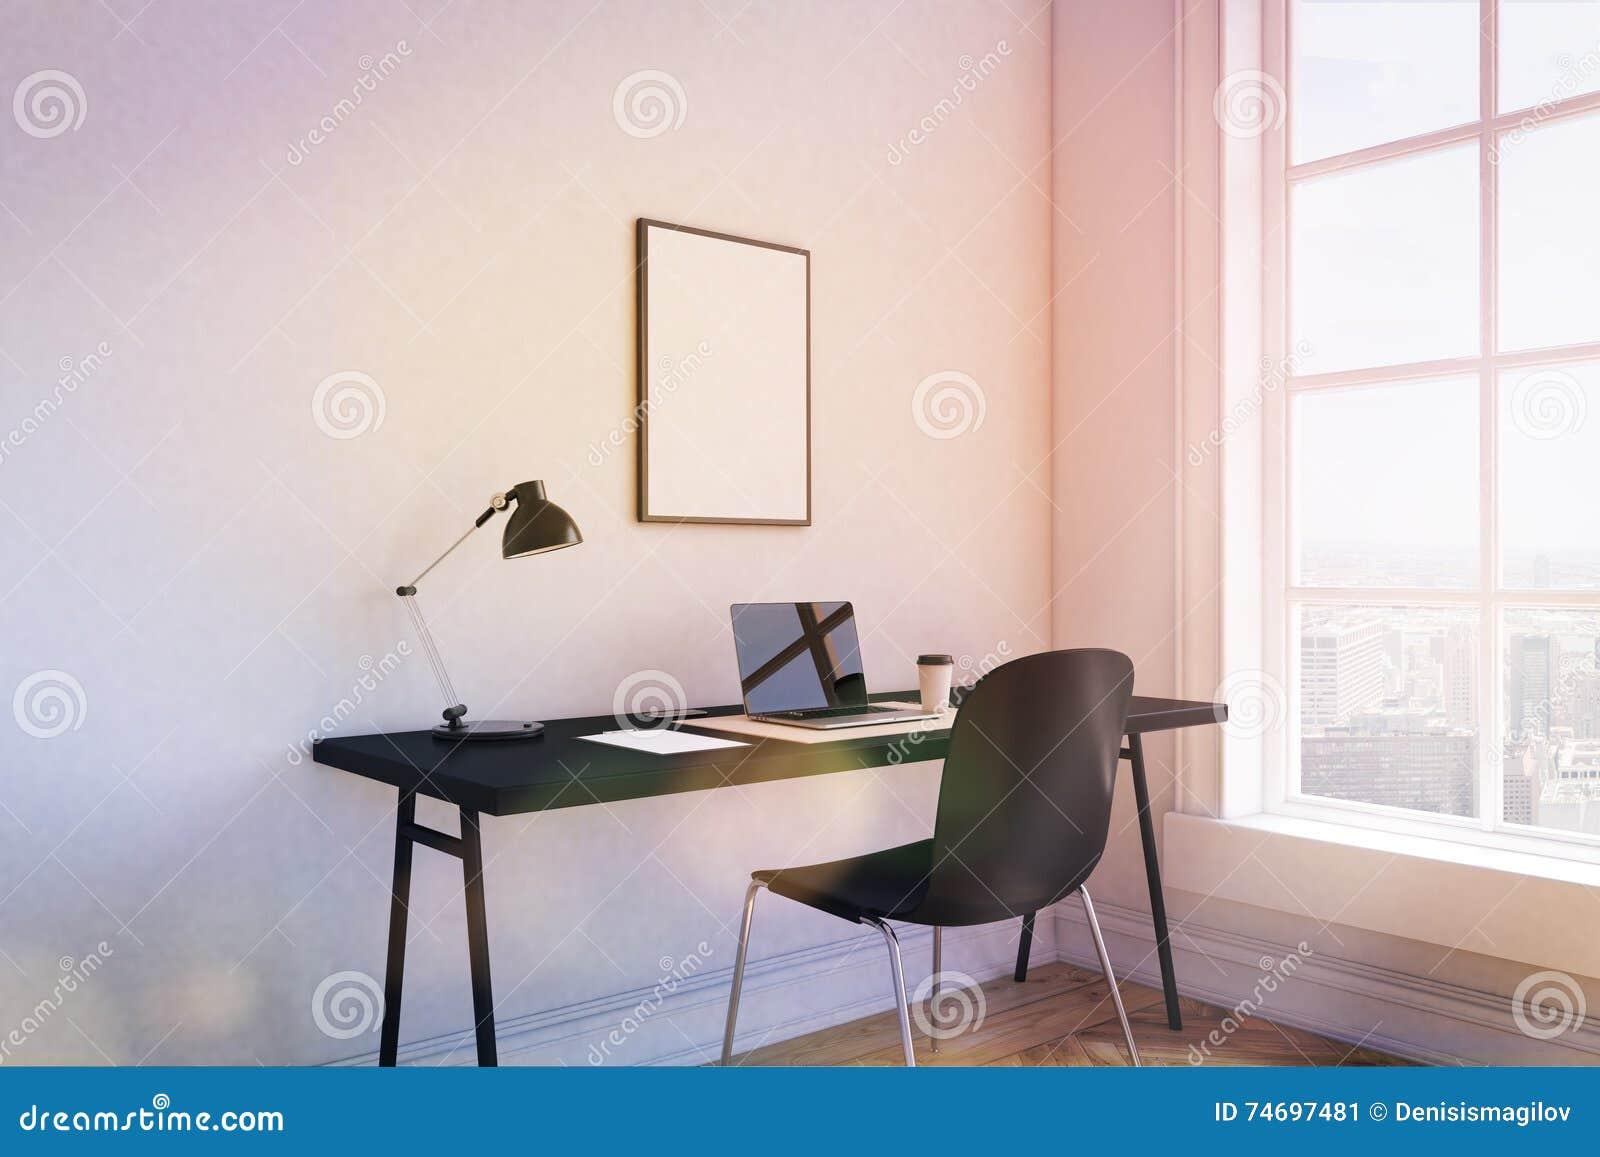 Arbeitsplatz zu Hause stock abbildung. Illustration von mock - 74697481